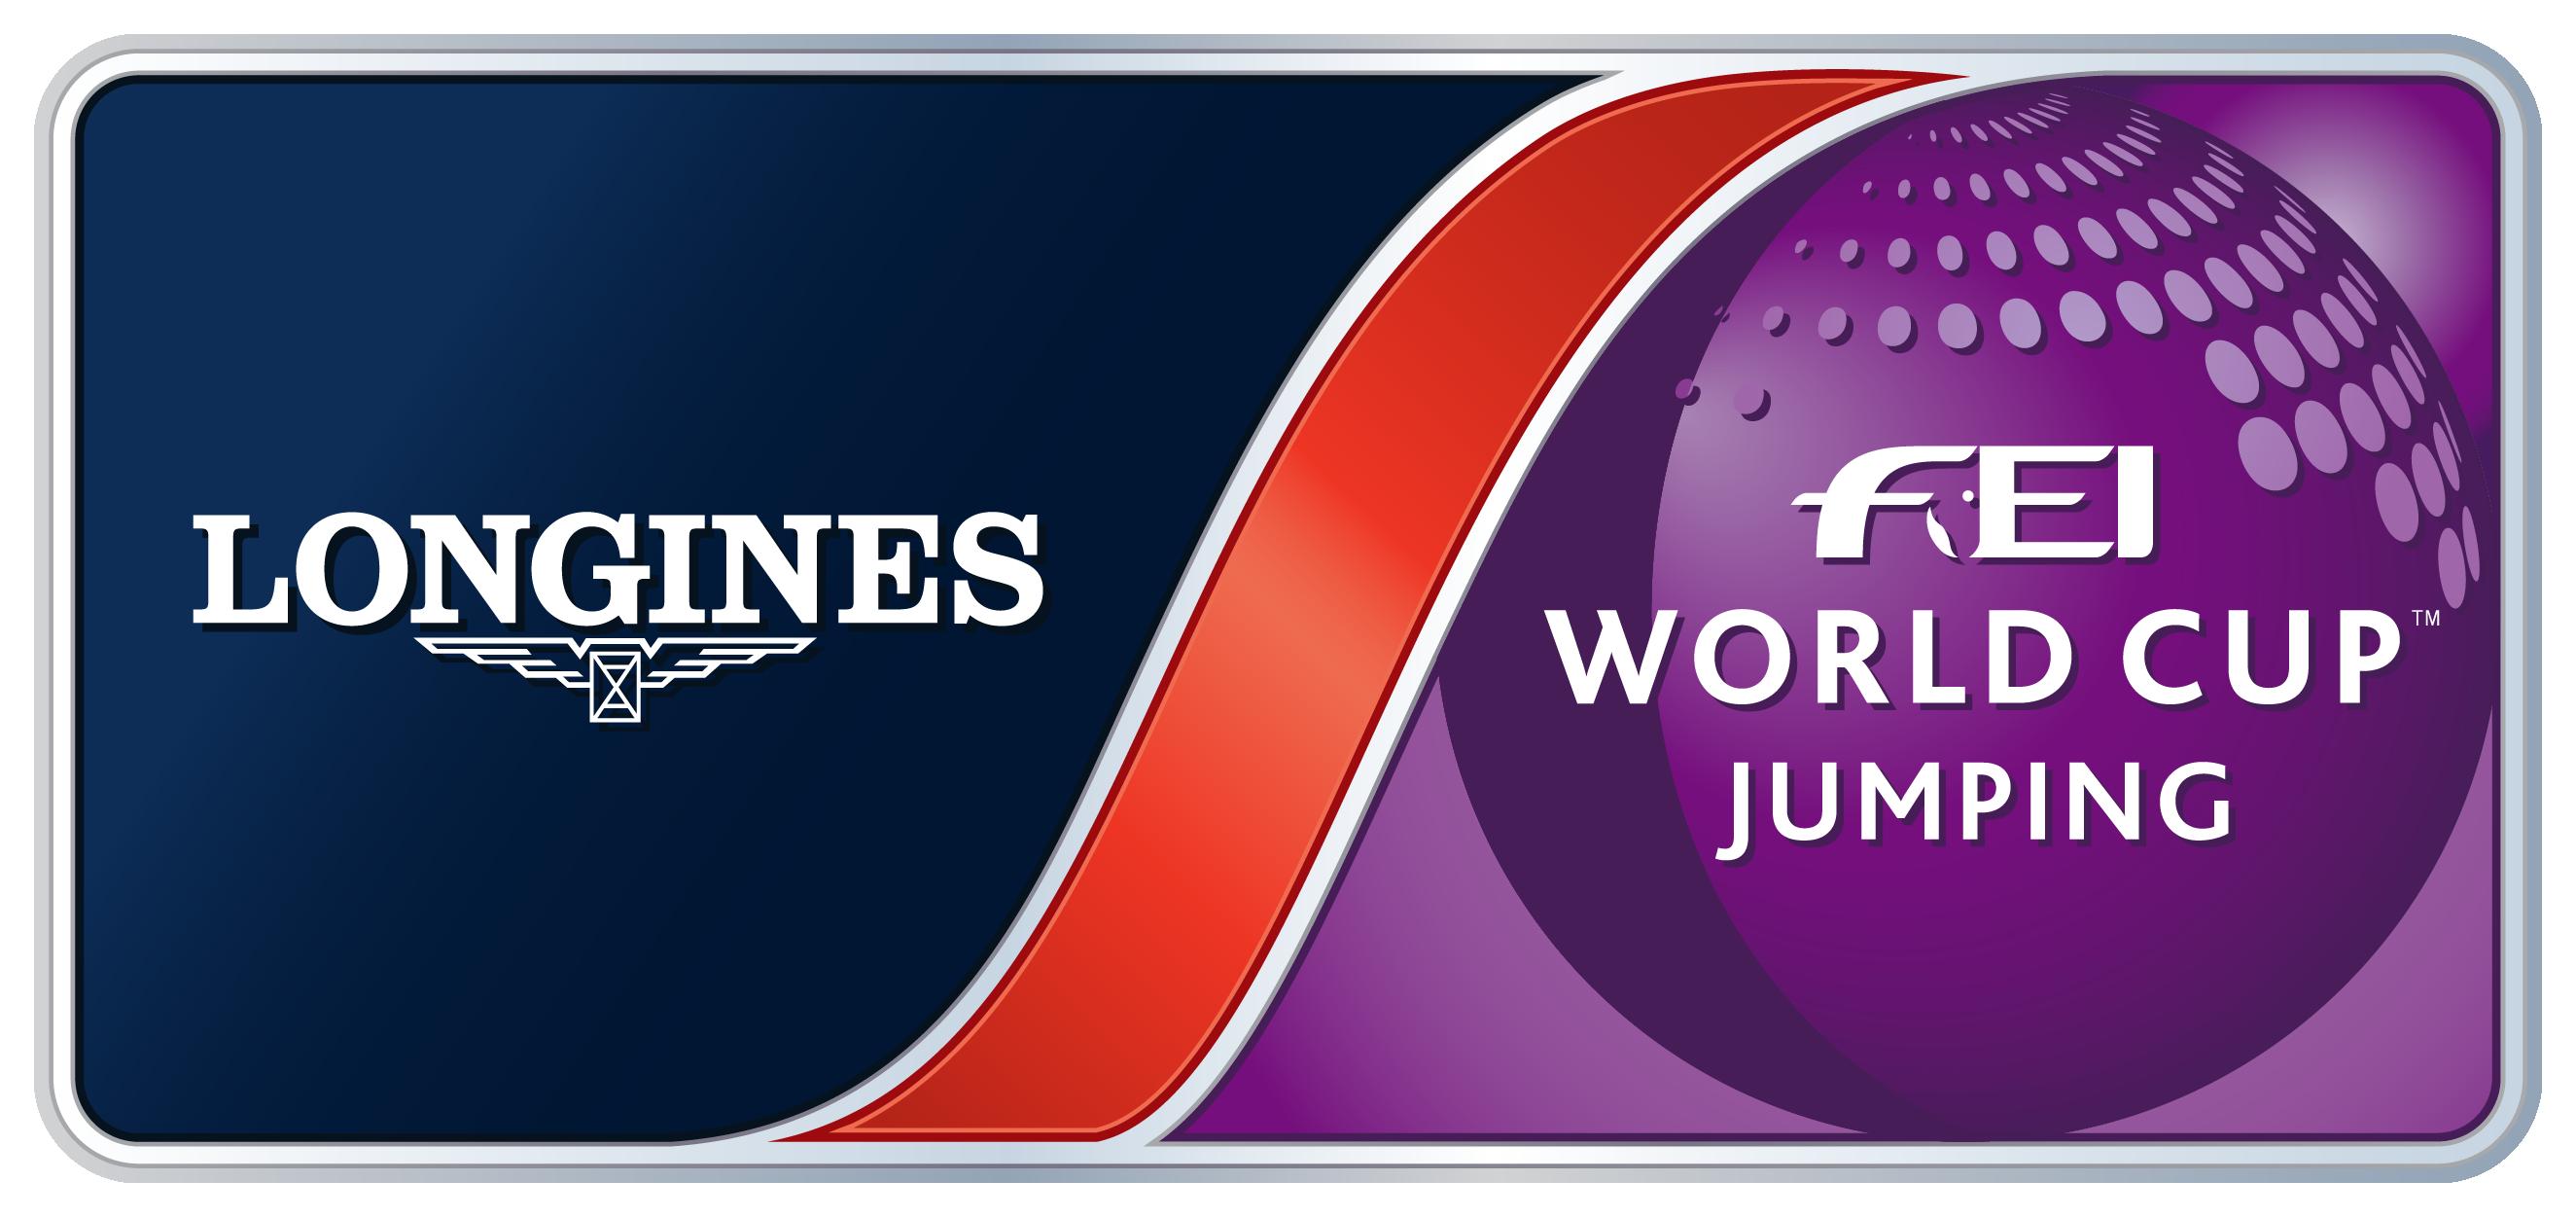 Longines FEI Кубок мира по конкуру 2018/2019, Западноевропейская лига, 1-й этап- Осло (Норвегия), 2-й этап- Хельсинки (Финляндия)_ (выпуск журнала №42)